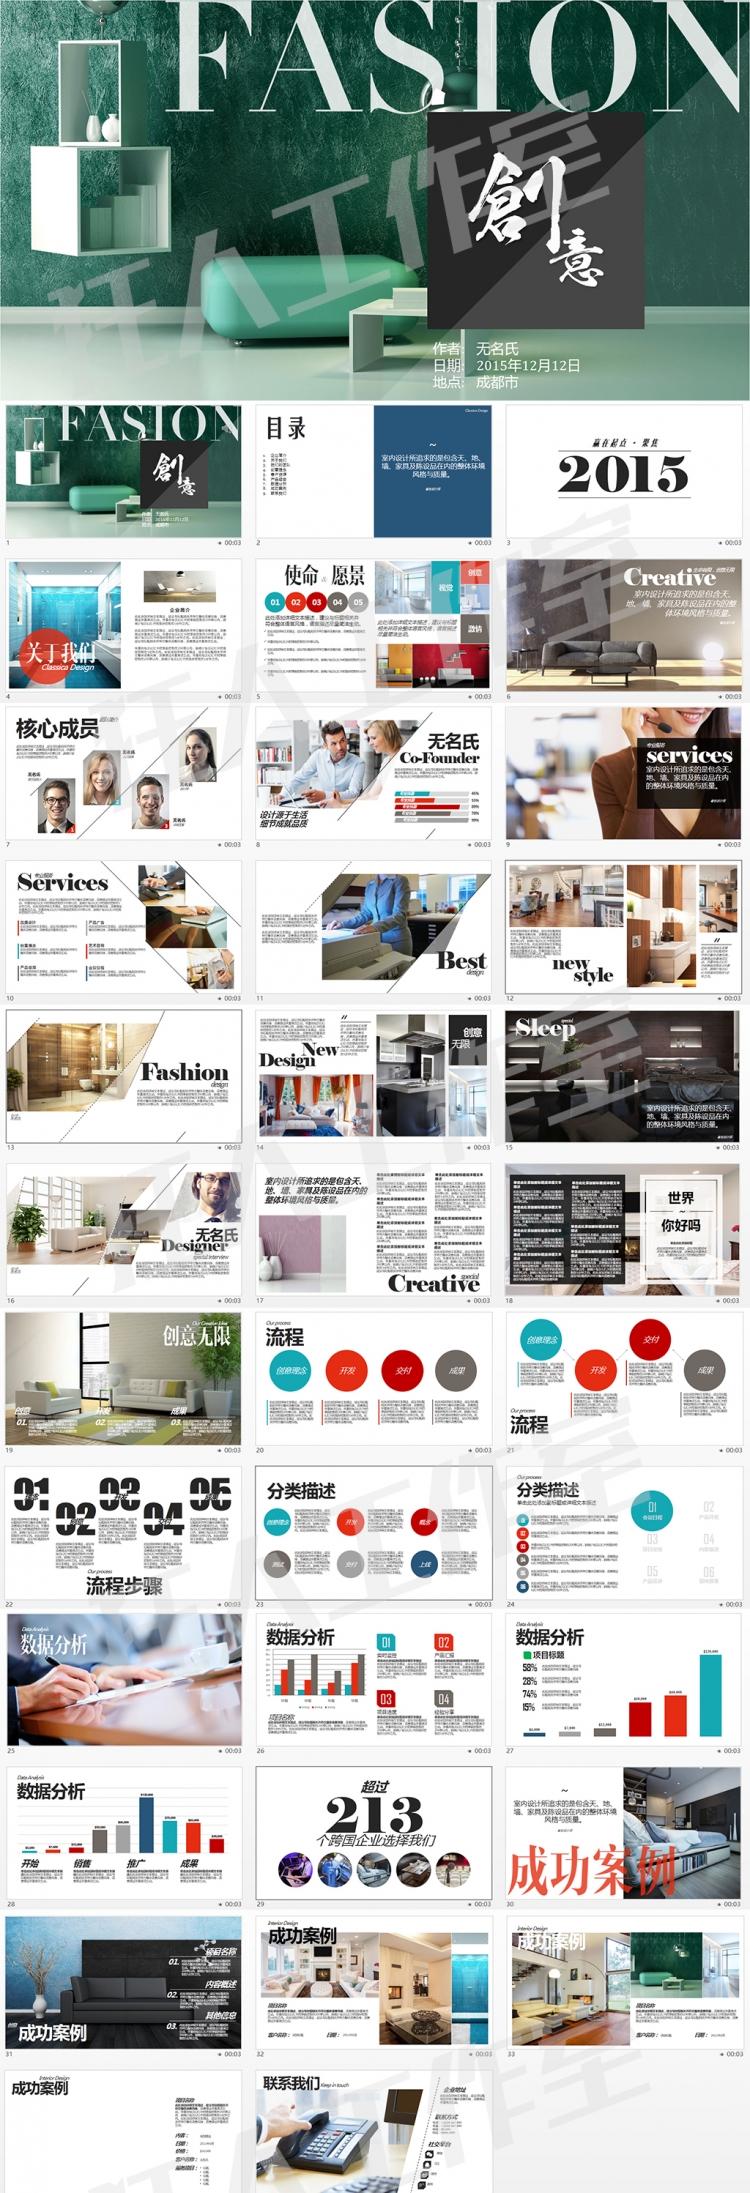 室内装饰设计图片展示ppt模板动态